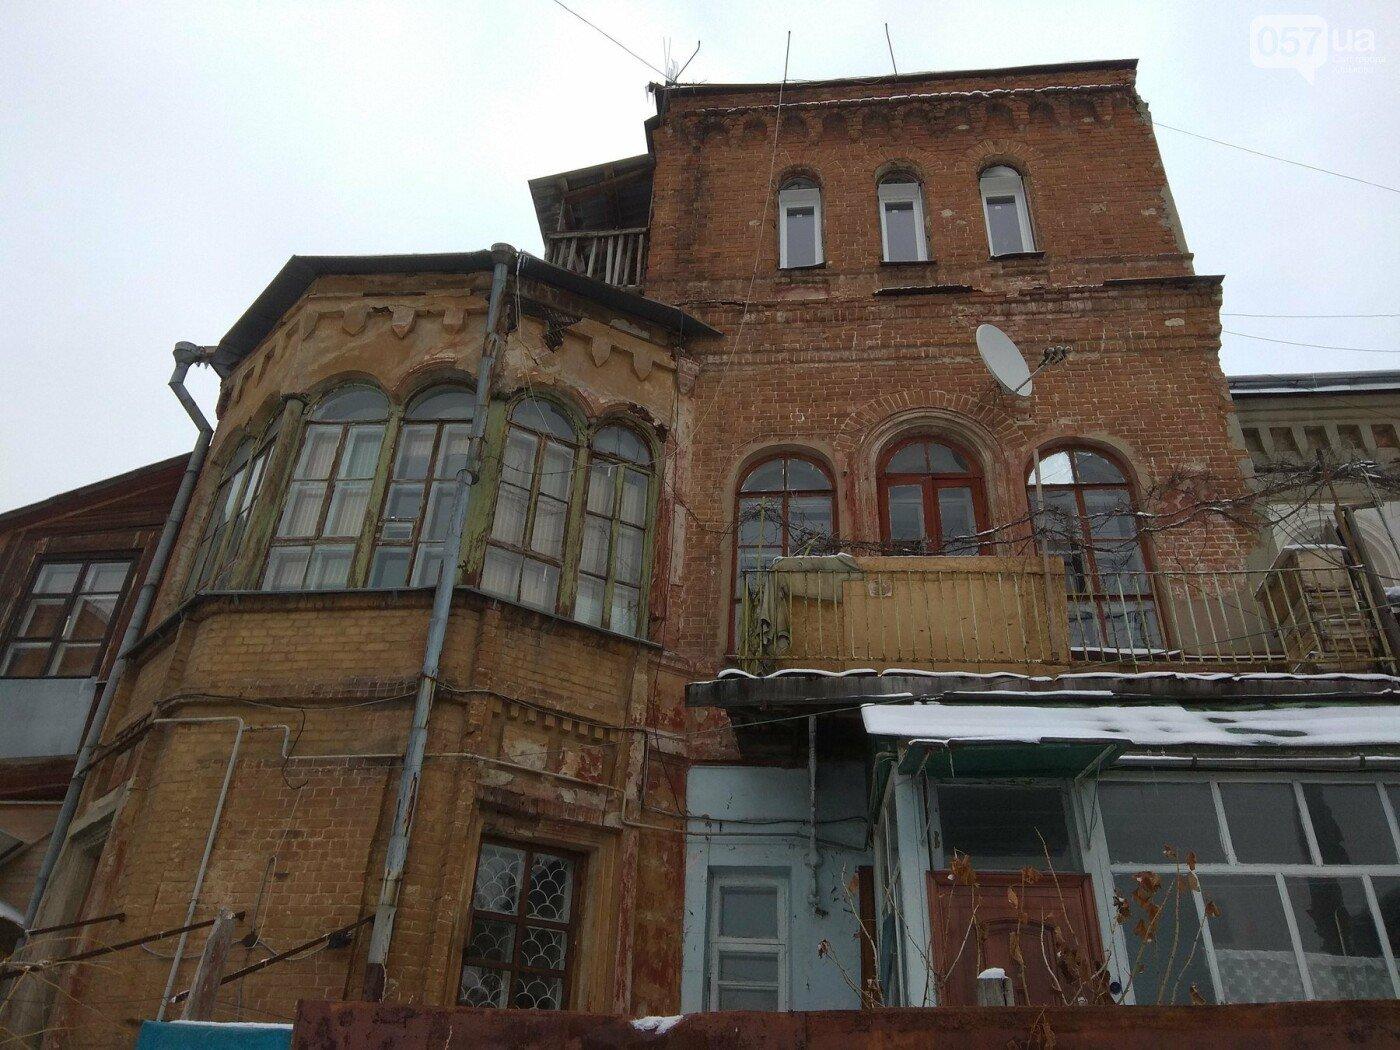 Доходные дома, бордели, и купеческий замок: ТОП-5 старинных зданий Харькова, - ФОТО, фото-1